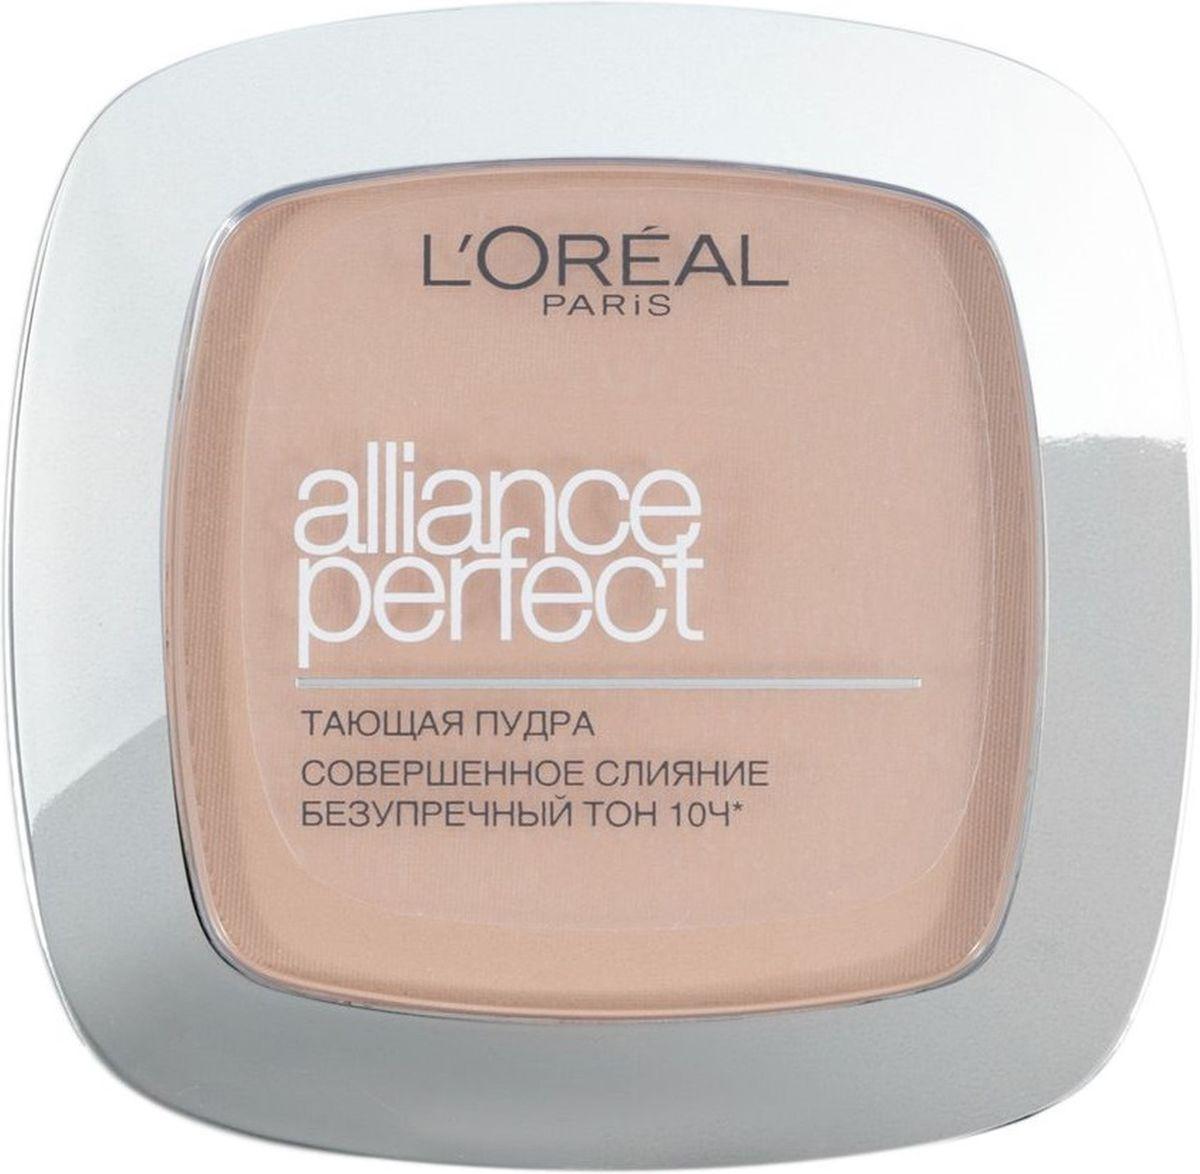 LOreal Paris Пудра Alliance Perfect, Совершенное слияние, выравнивающая и увлажняющая, оттенок D3, Светло-бежевый золотистый, 9 грA4029206Пудра Alliance Perfect Совершенное Слияние — это компактная пудра с моделирующим покрытием, которая идеально сливается с цветом и текстурой Вашей кожи, позволяет скрыть несовершенства. Без эффекта маски и без излишеств.